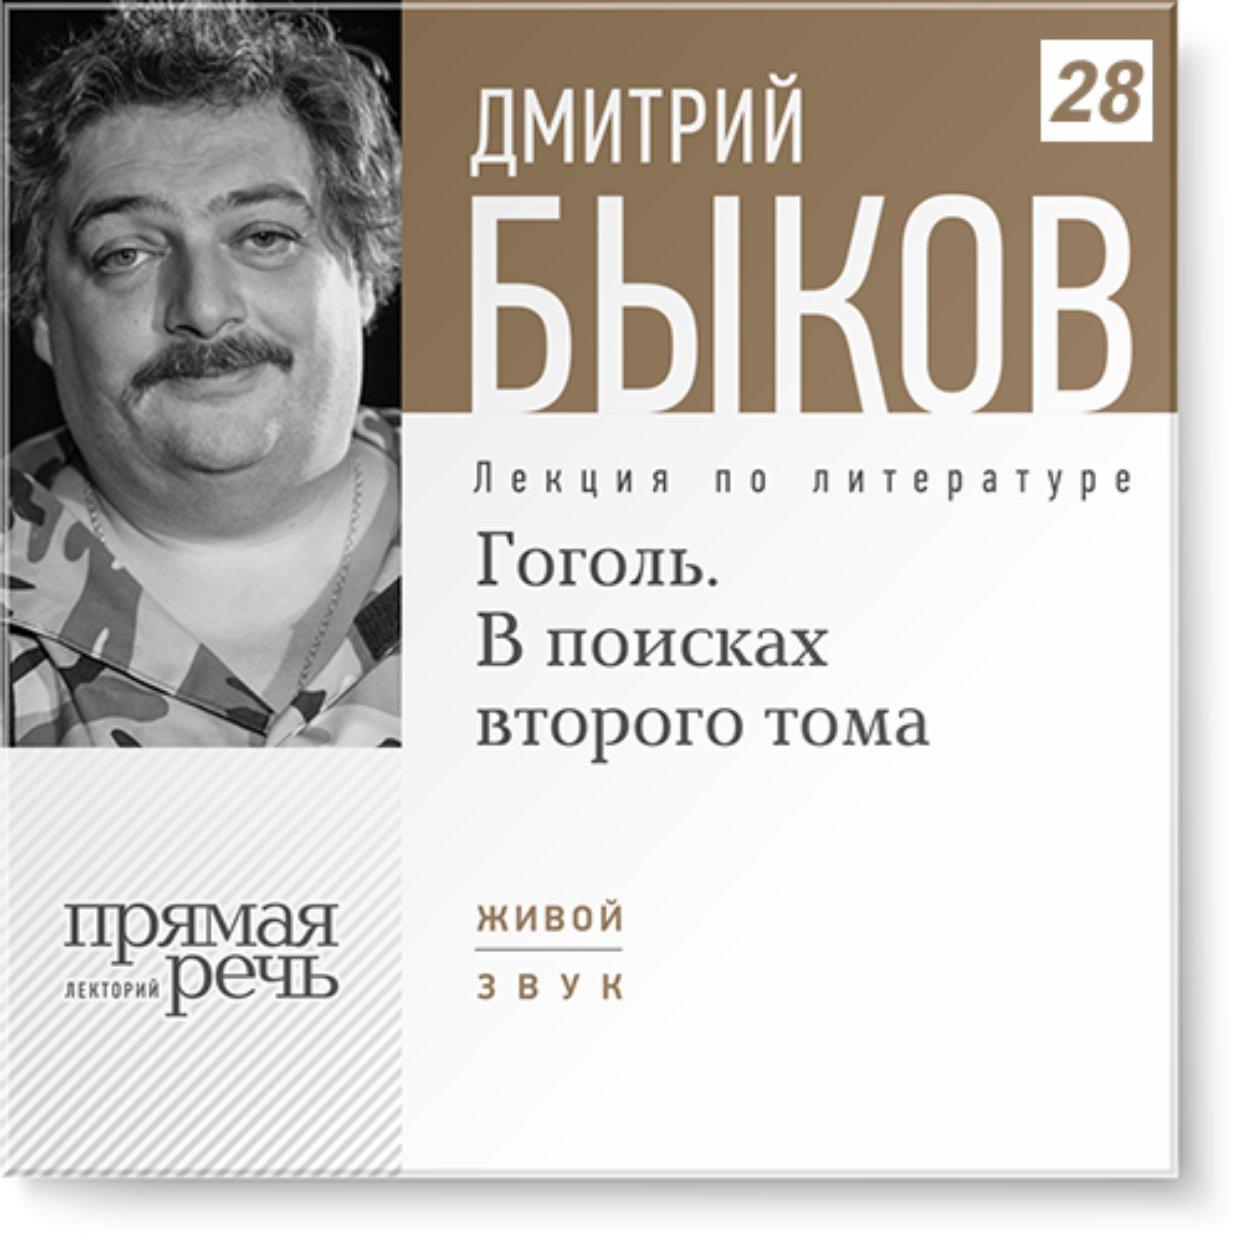 Гоголь. В поисках второго тома